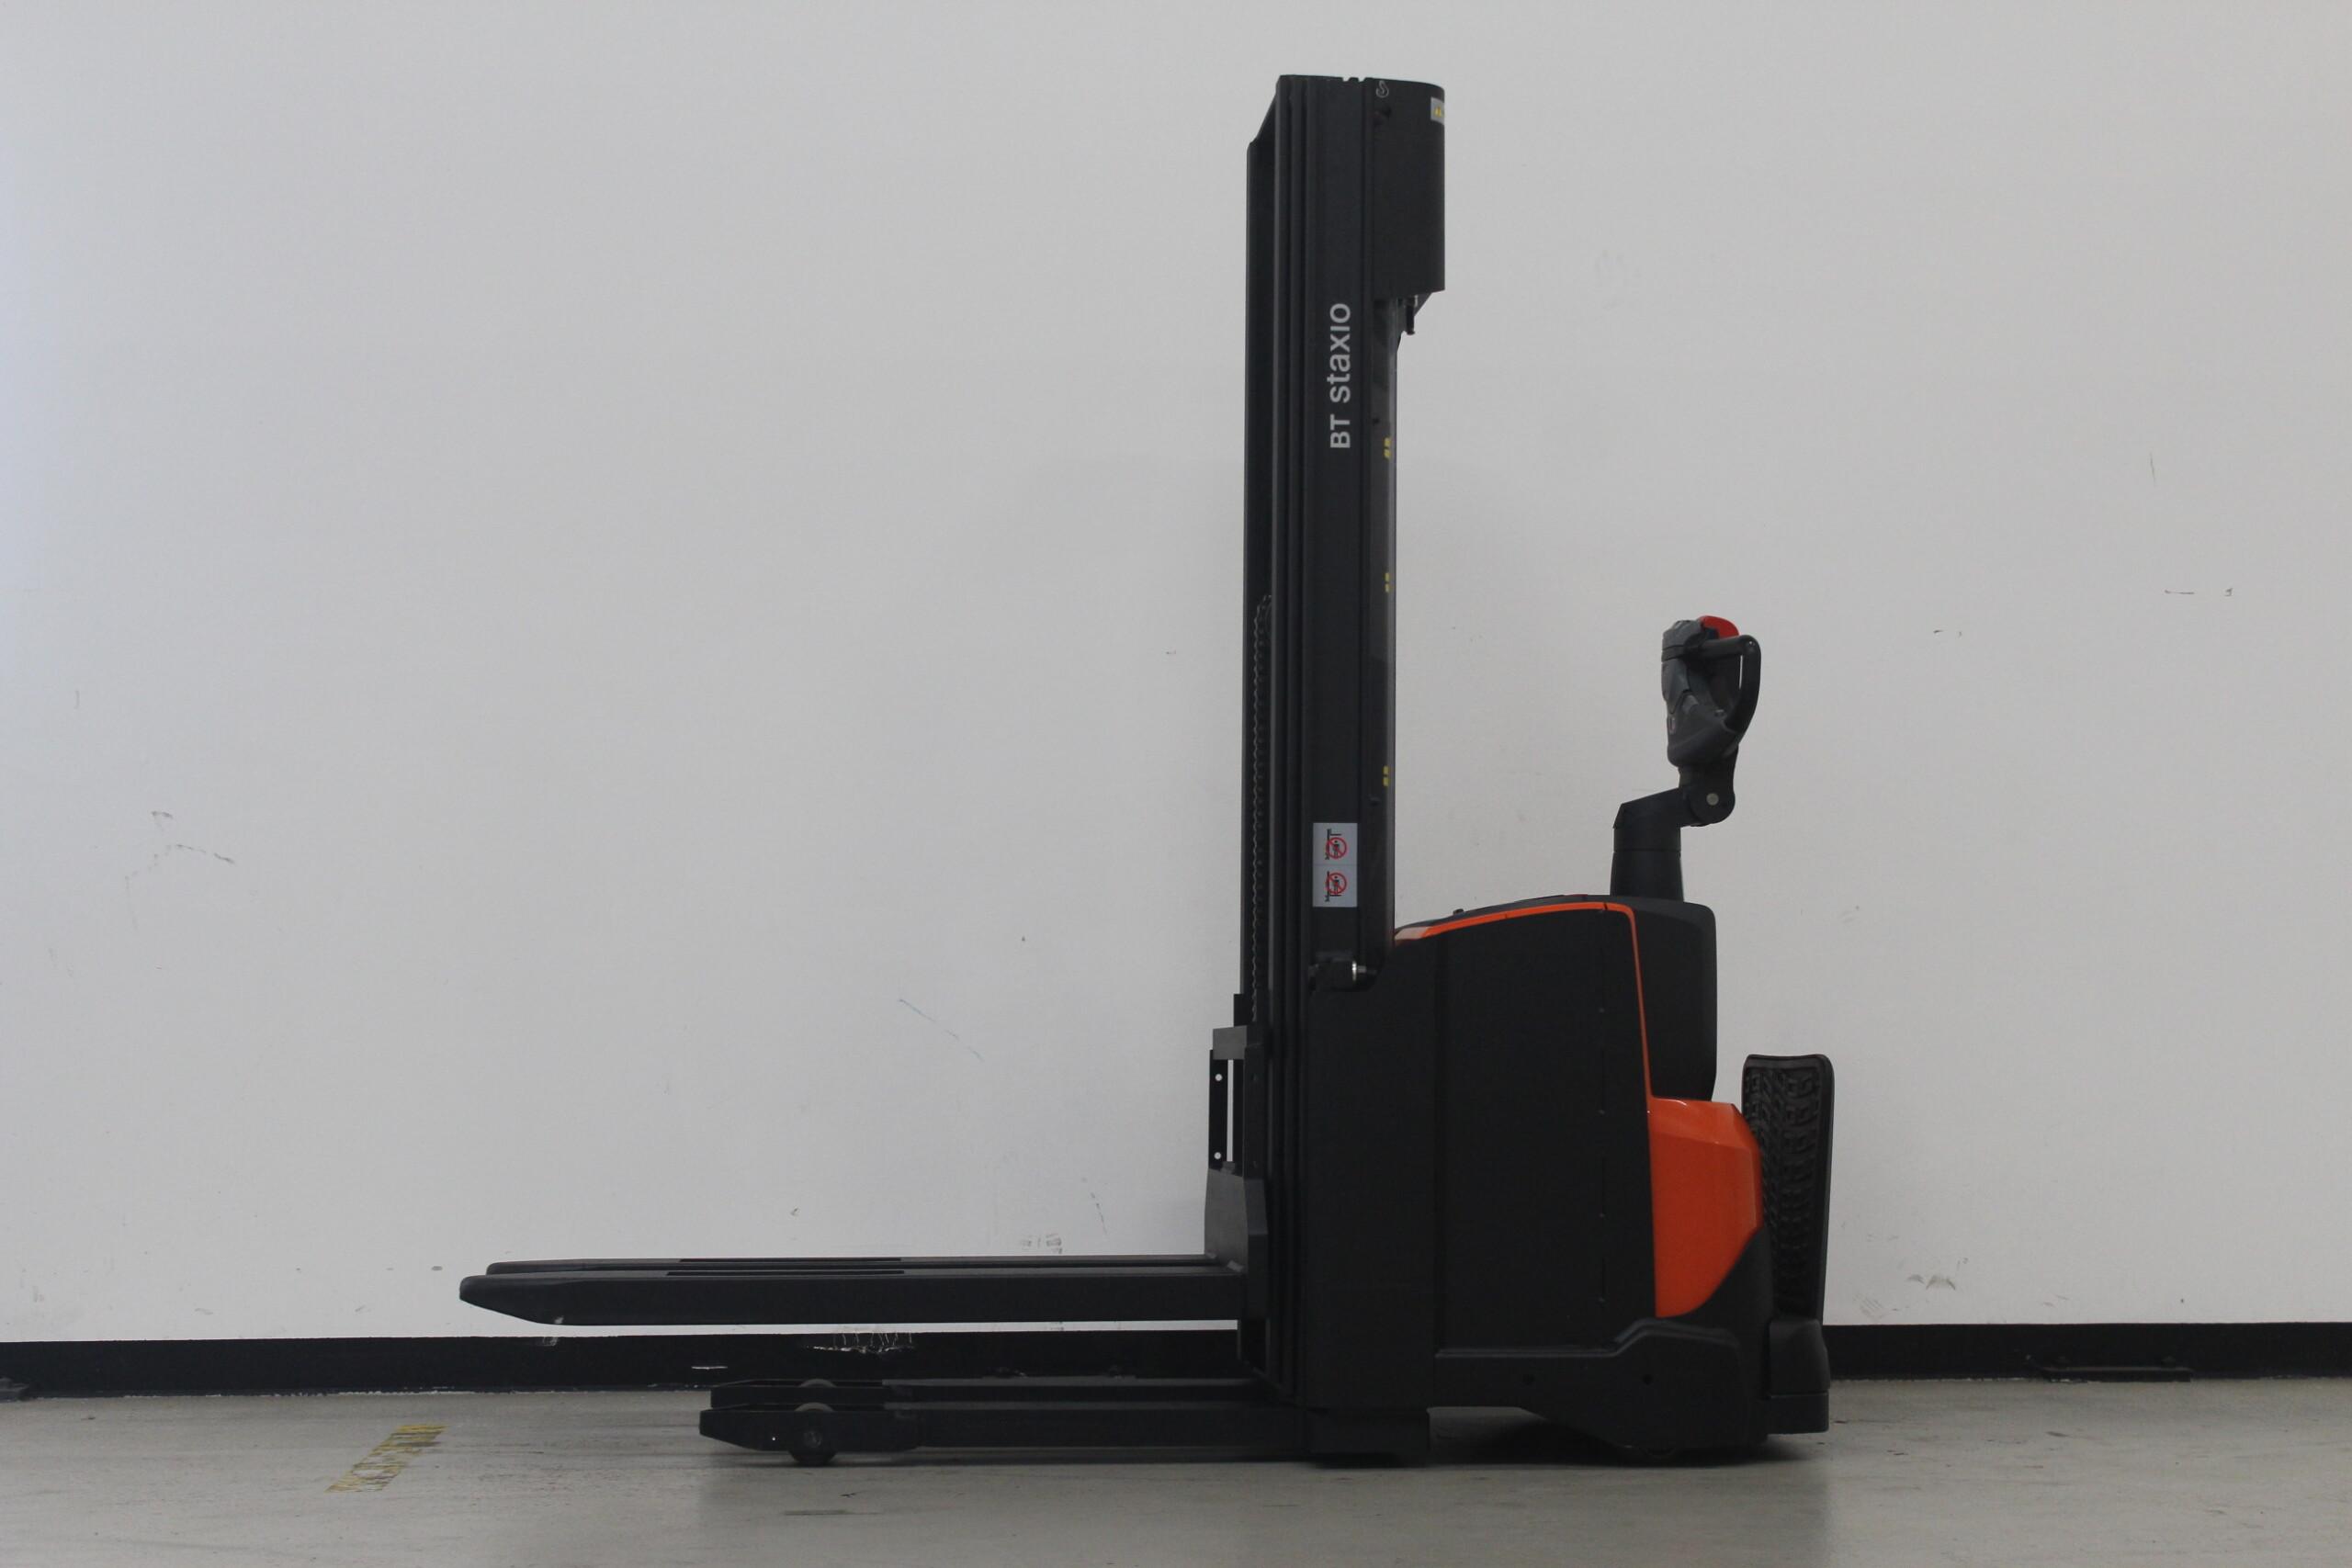 Toyota-Gabelstapler-59840 1806293952 1 53 scaled